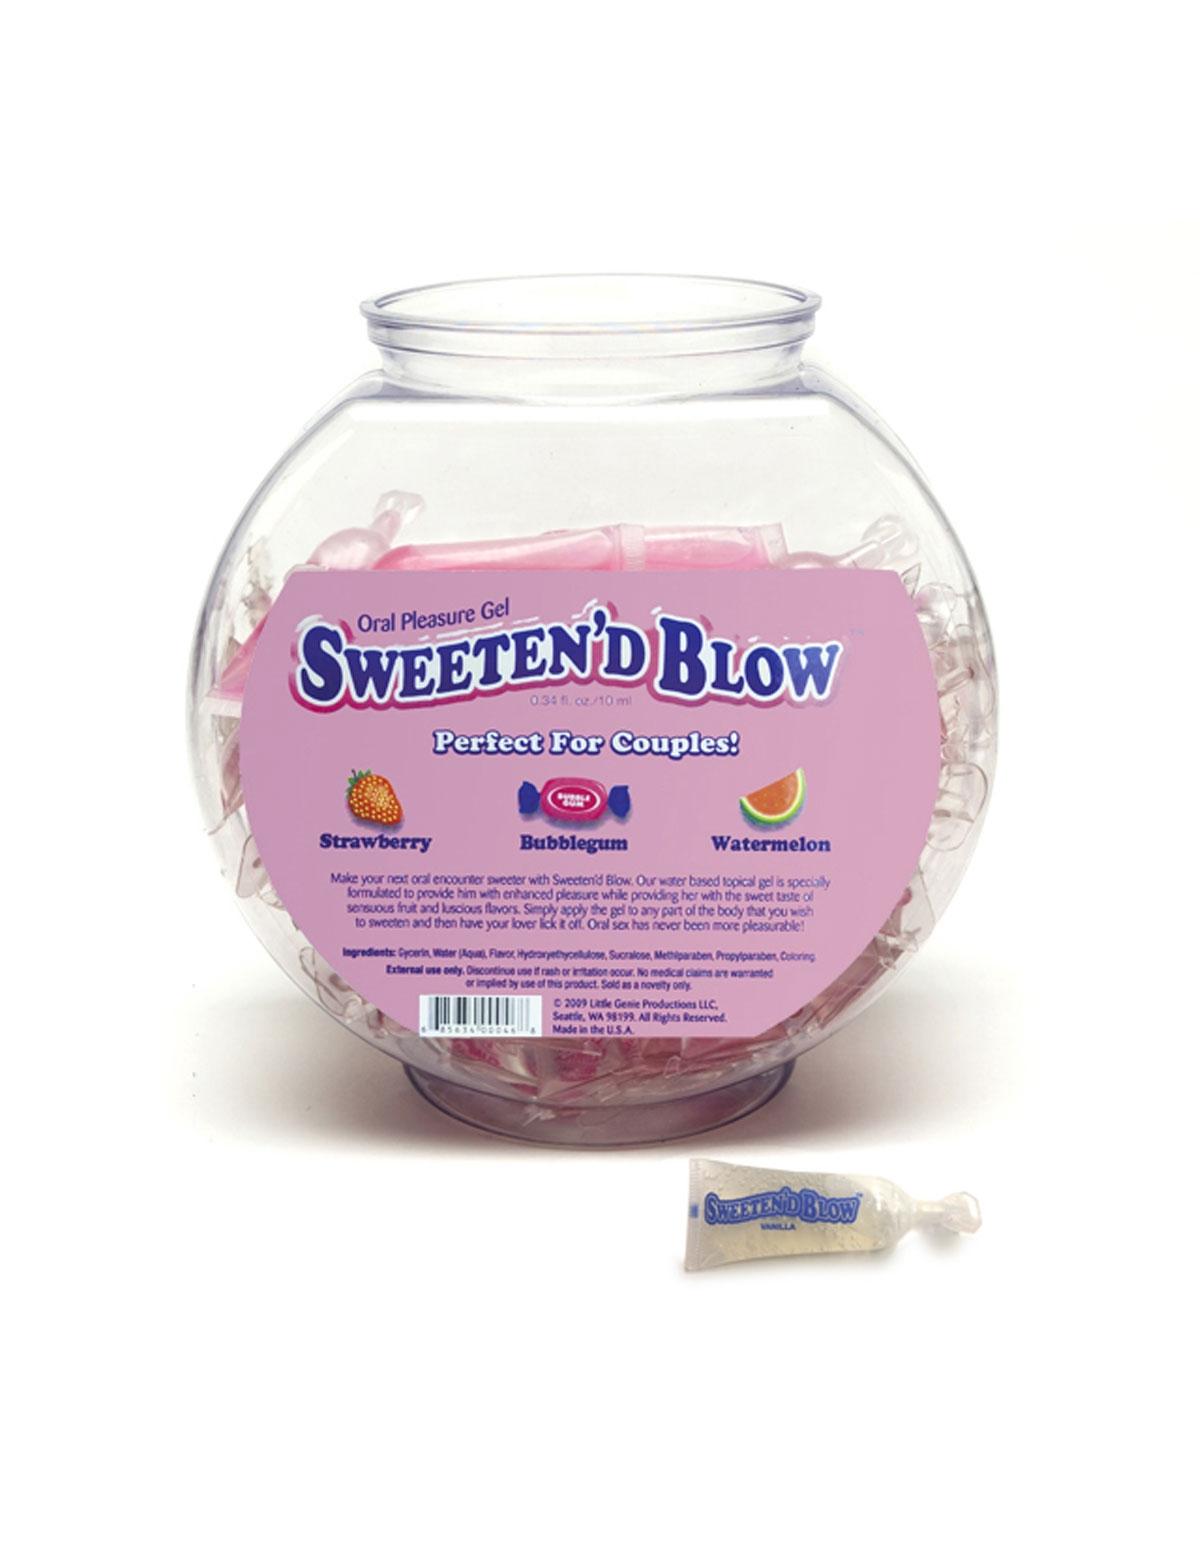 Sweeten D Blow Pillow Pack